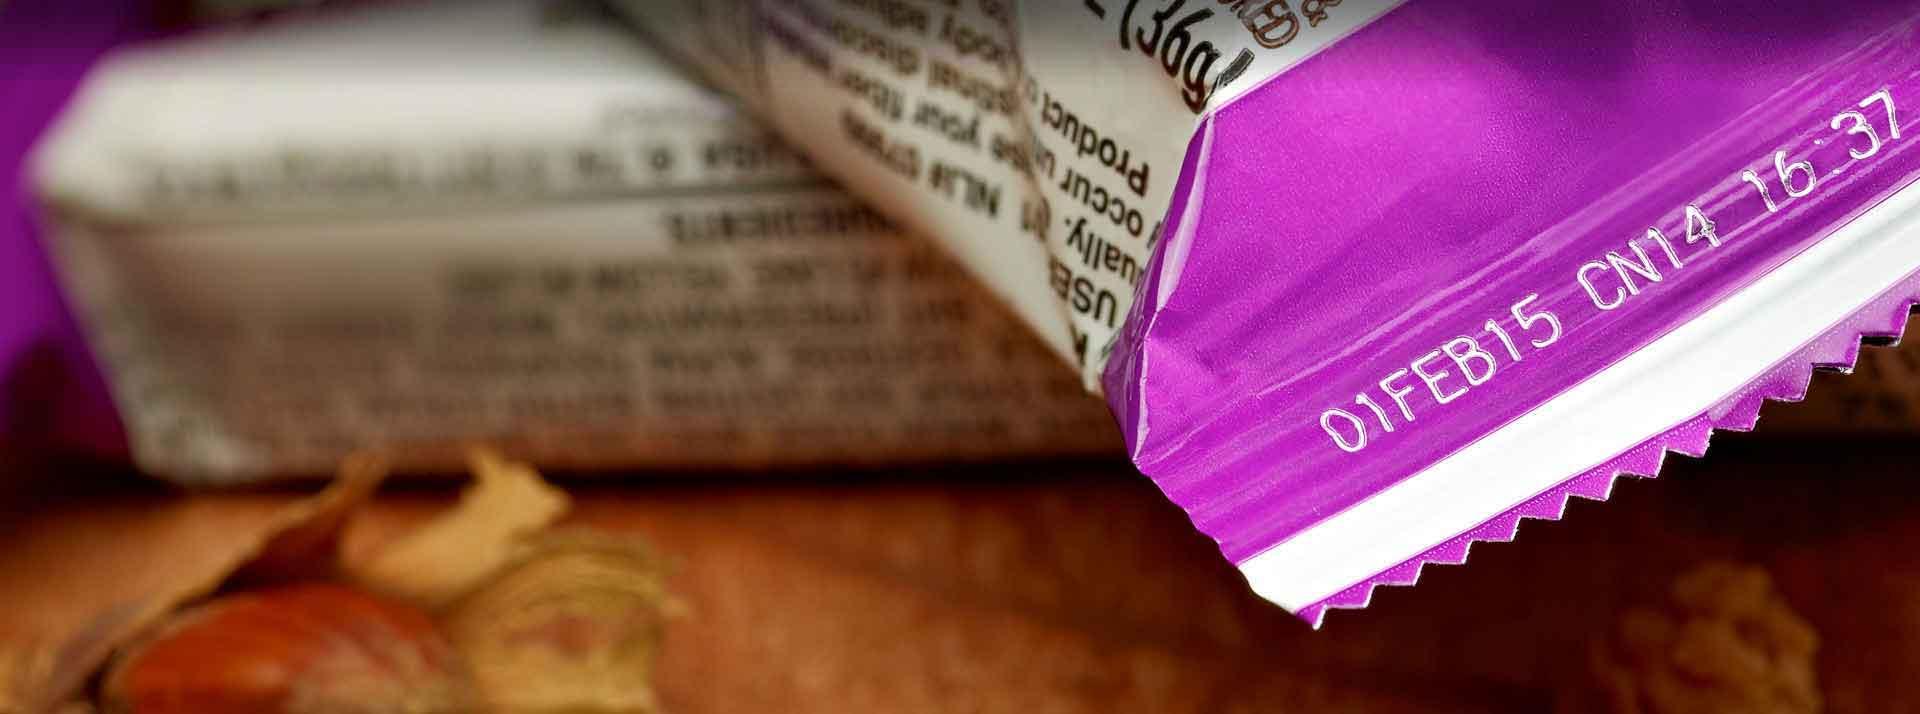 Cereal_Bar_Slider_G2012-0727_BG_1920x714.jpg